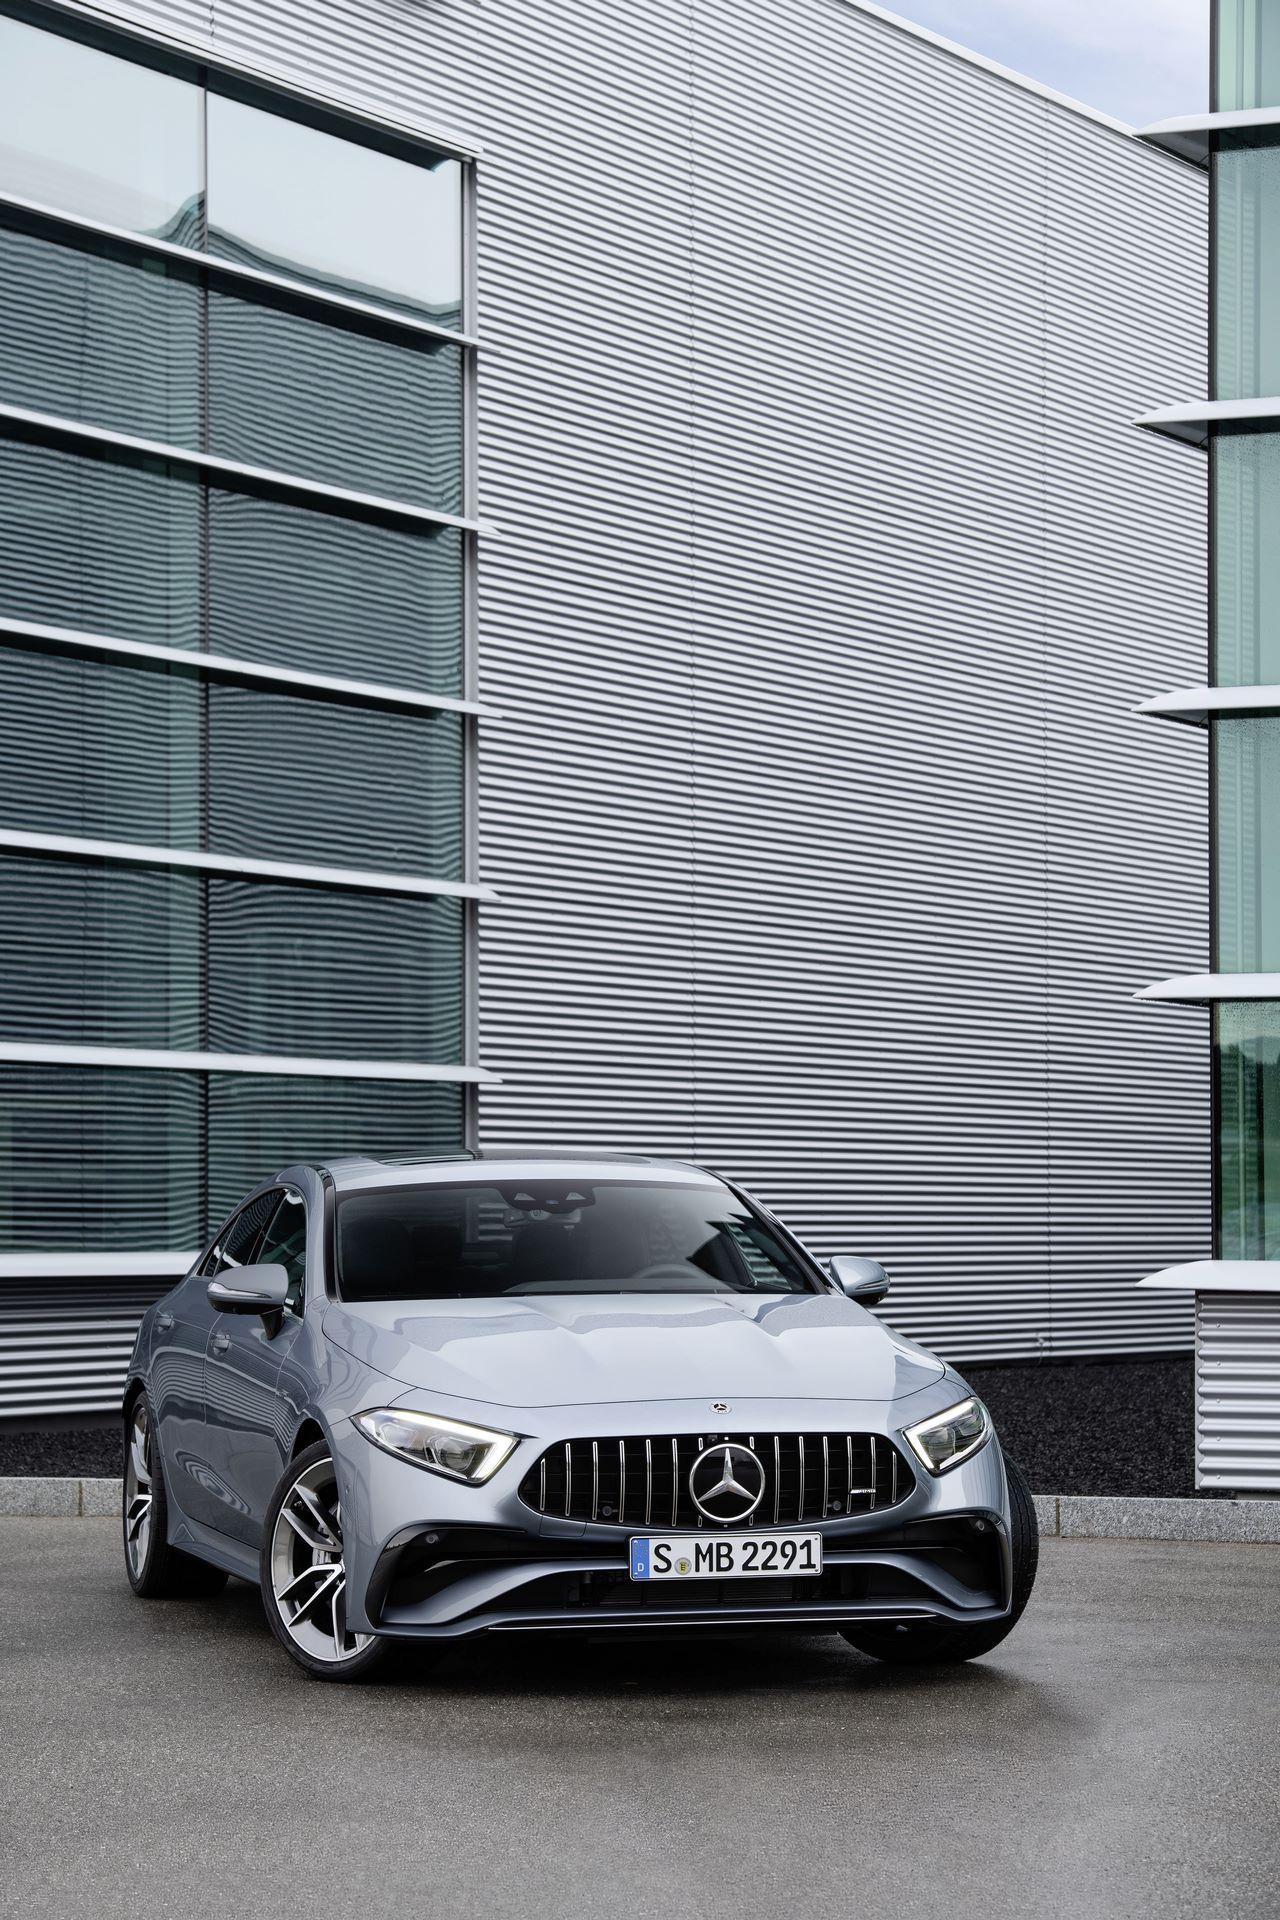 Mercedes-CLS-Facelift-2021-53